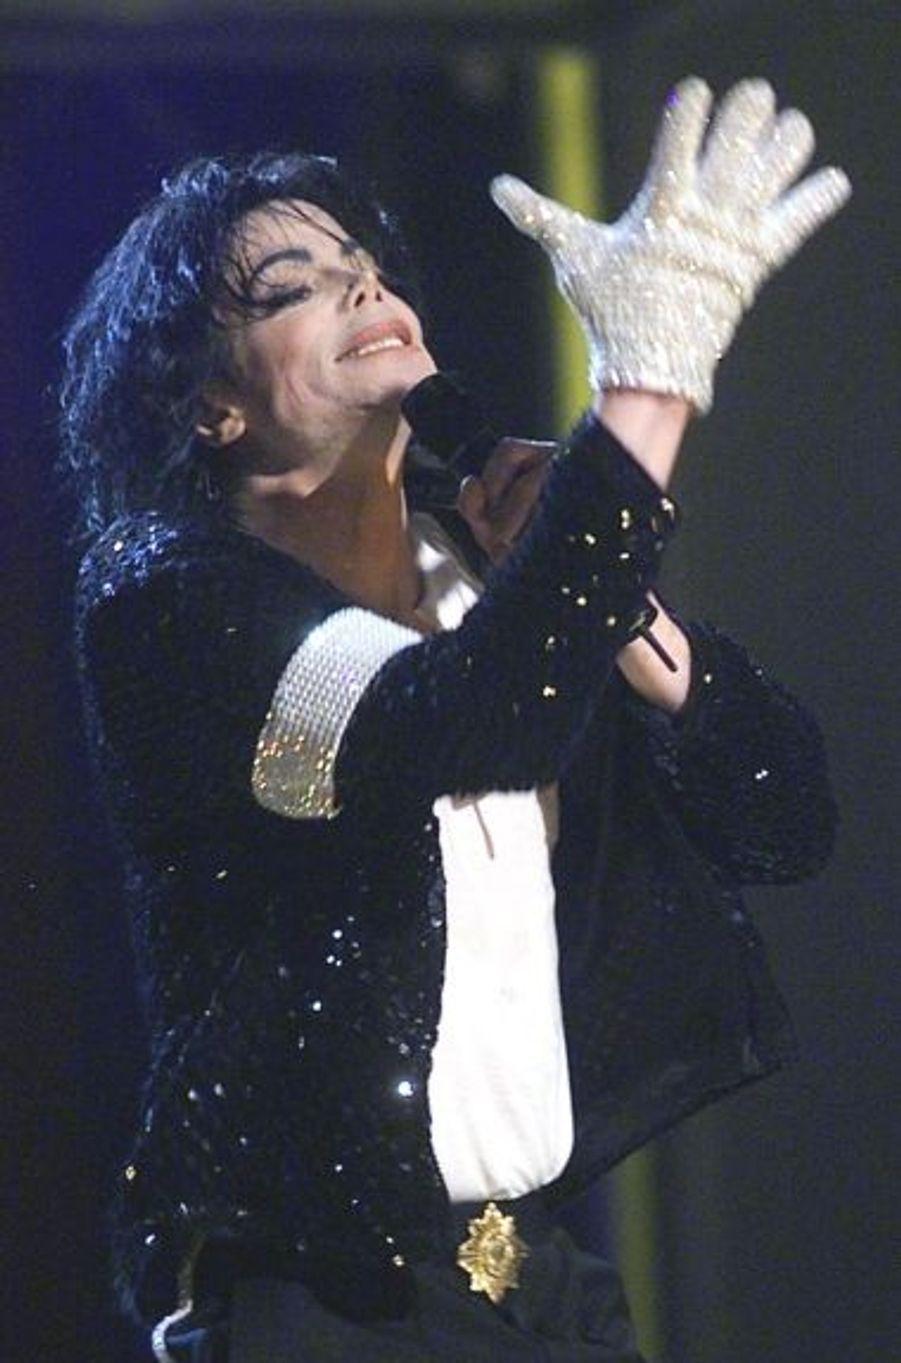 Michael Jackson et les fameux gants blancs qu'il portait régulièrement depuis la sortie de la chanson Billie Jean, en 1983, et qui devaient être vendus lors de l'immense vente aux enchères organisée cette année.